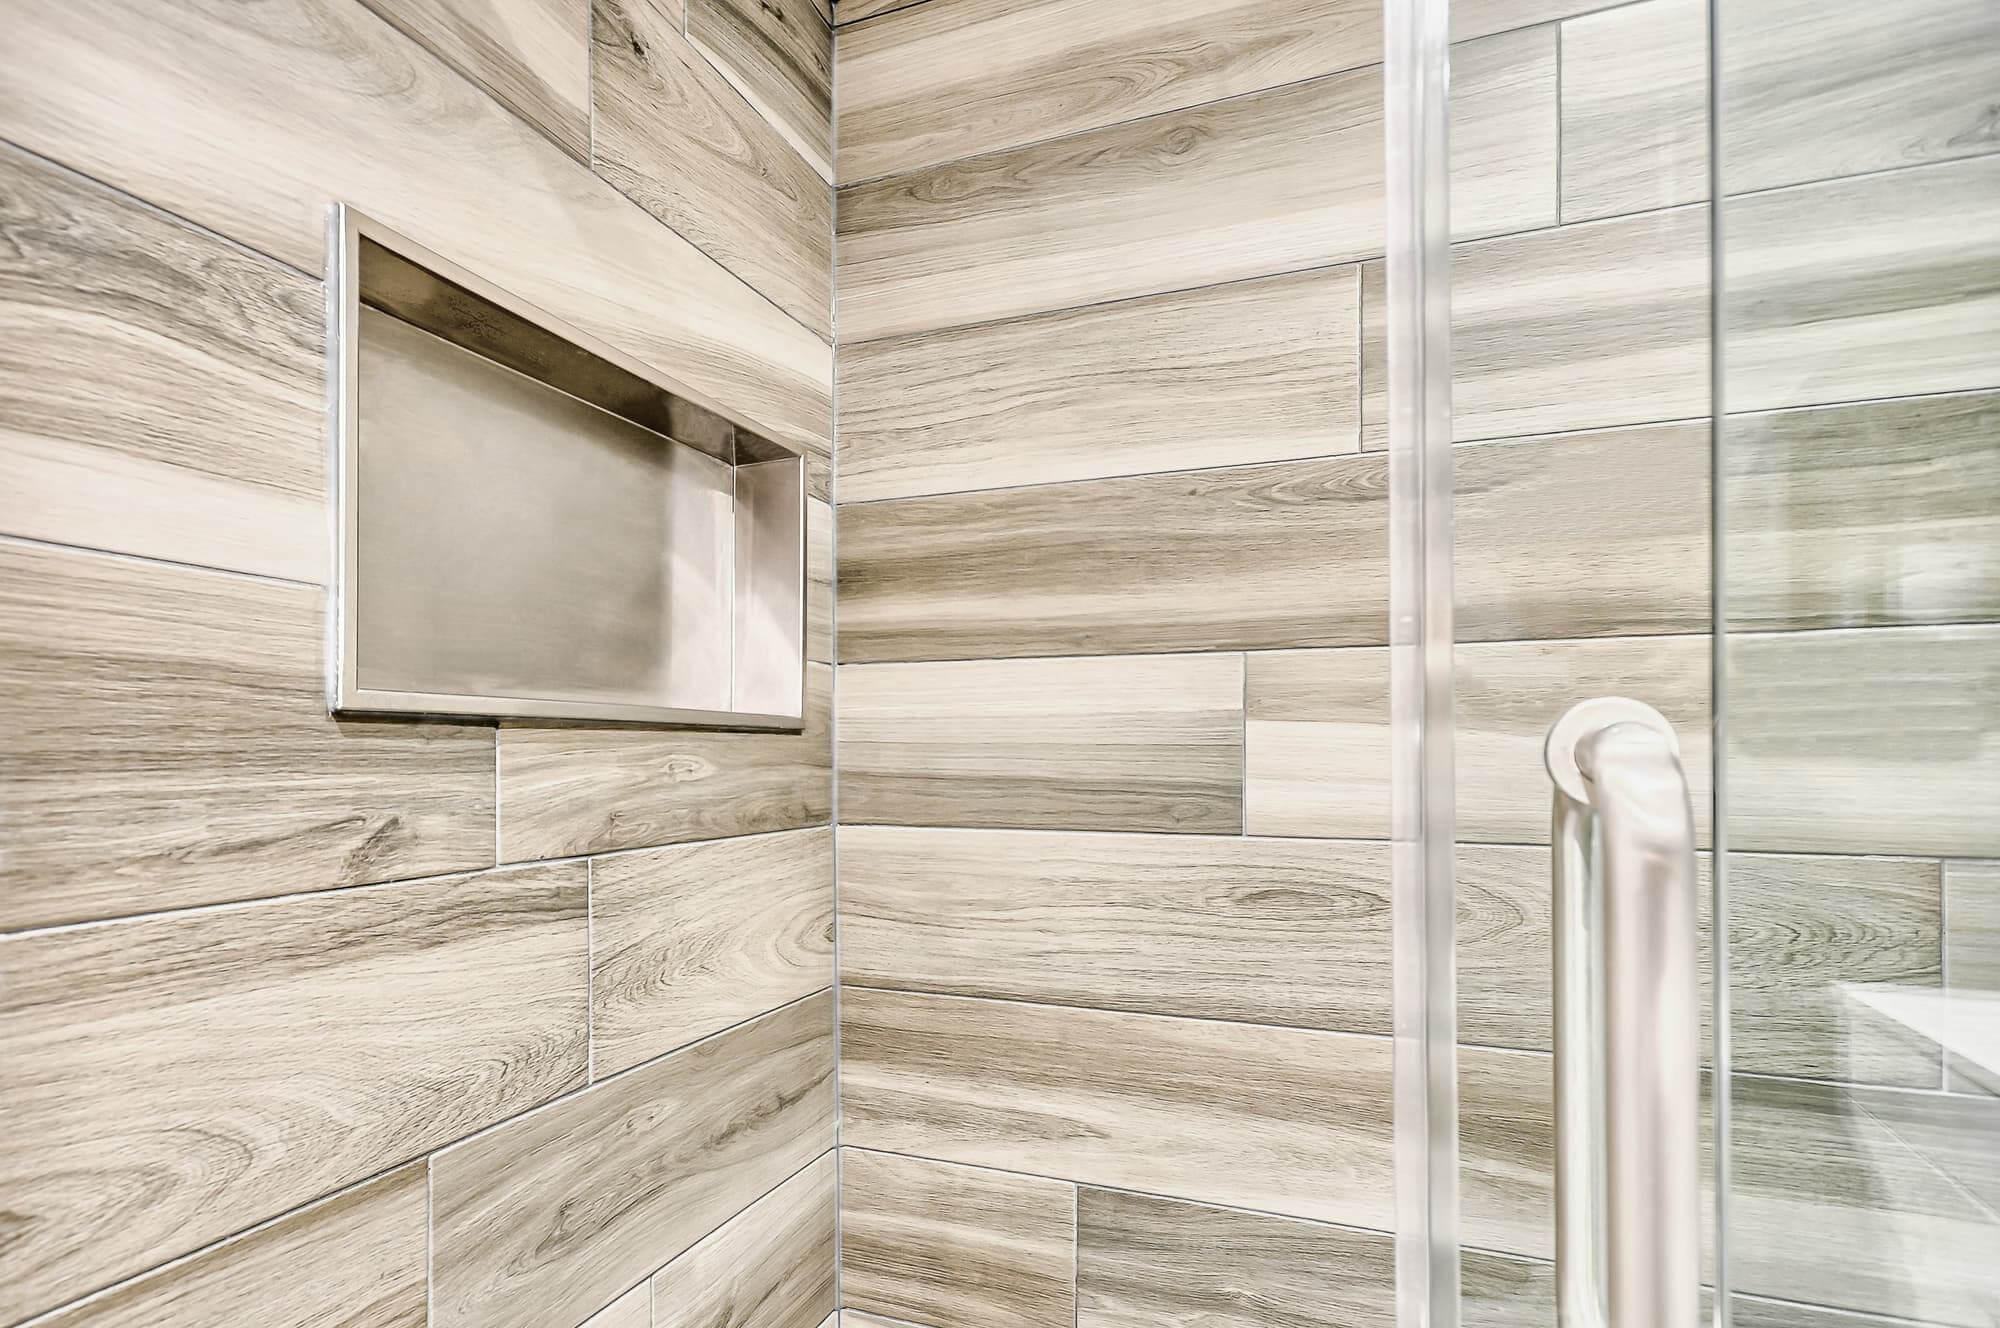 alcove dans une douche en céramique avec porte en verre